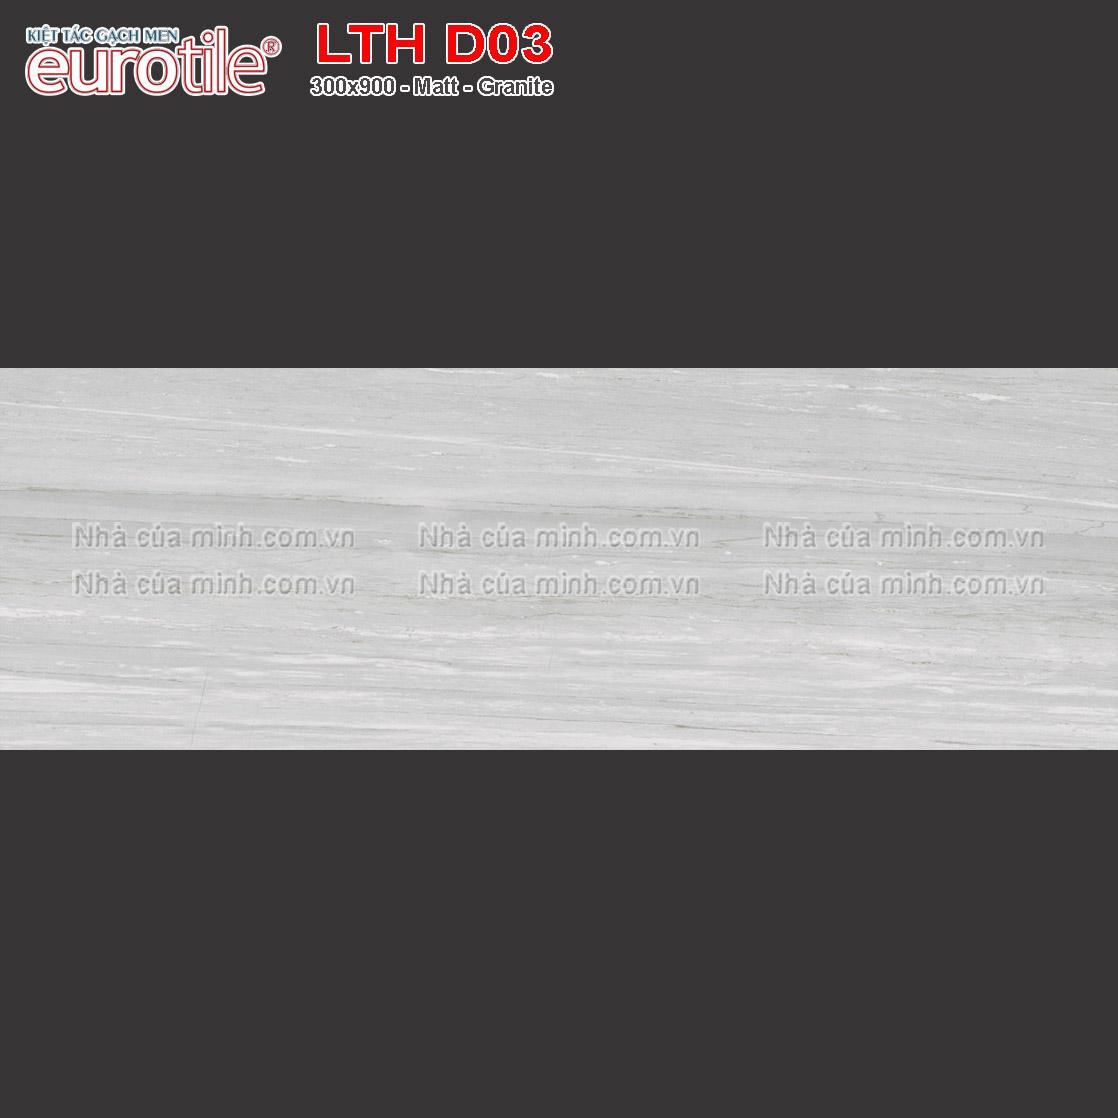 Gạch ốp lát 300x900 Eurotile Lưu Thủy LTH D03 giá tốt